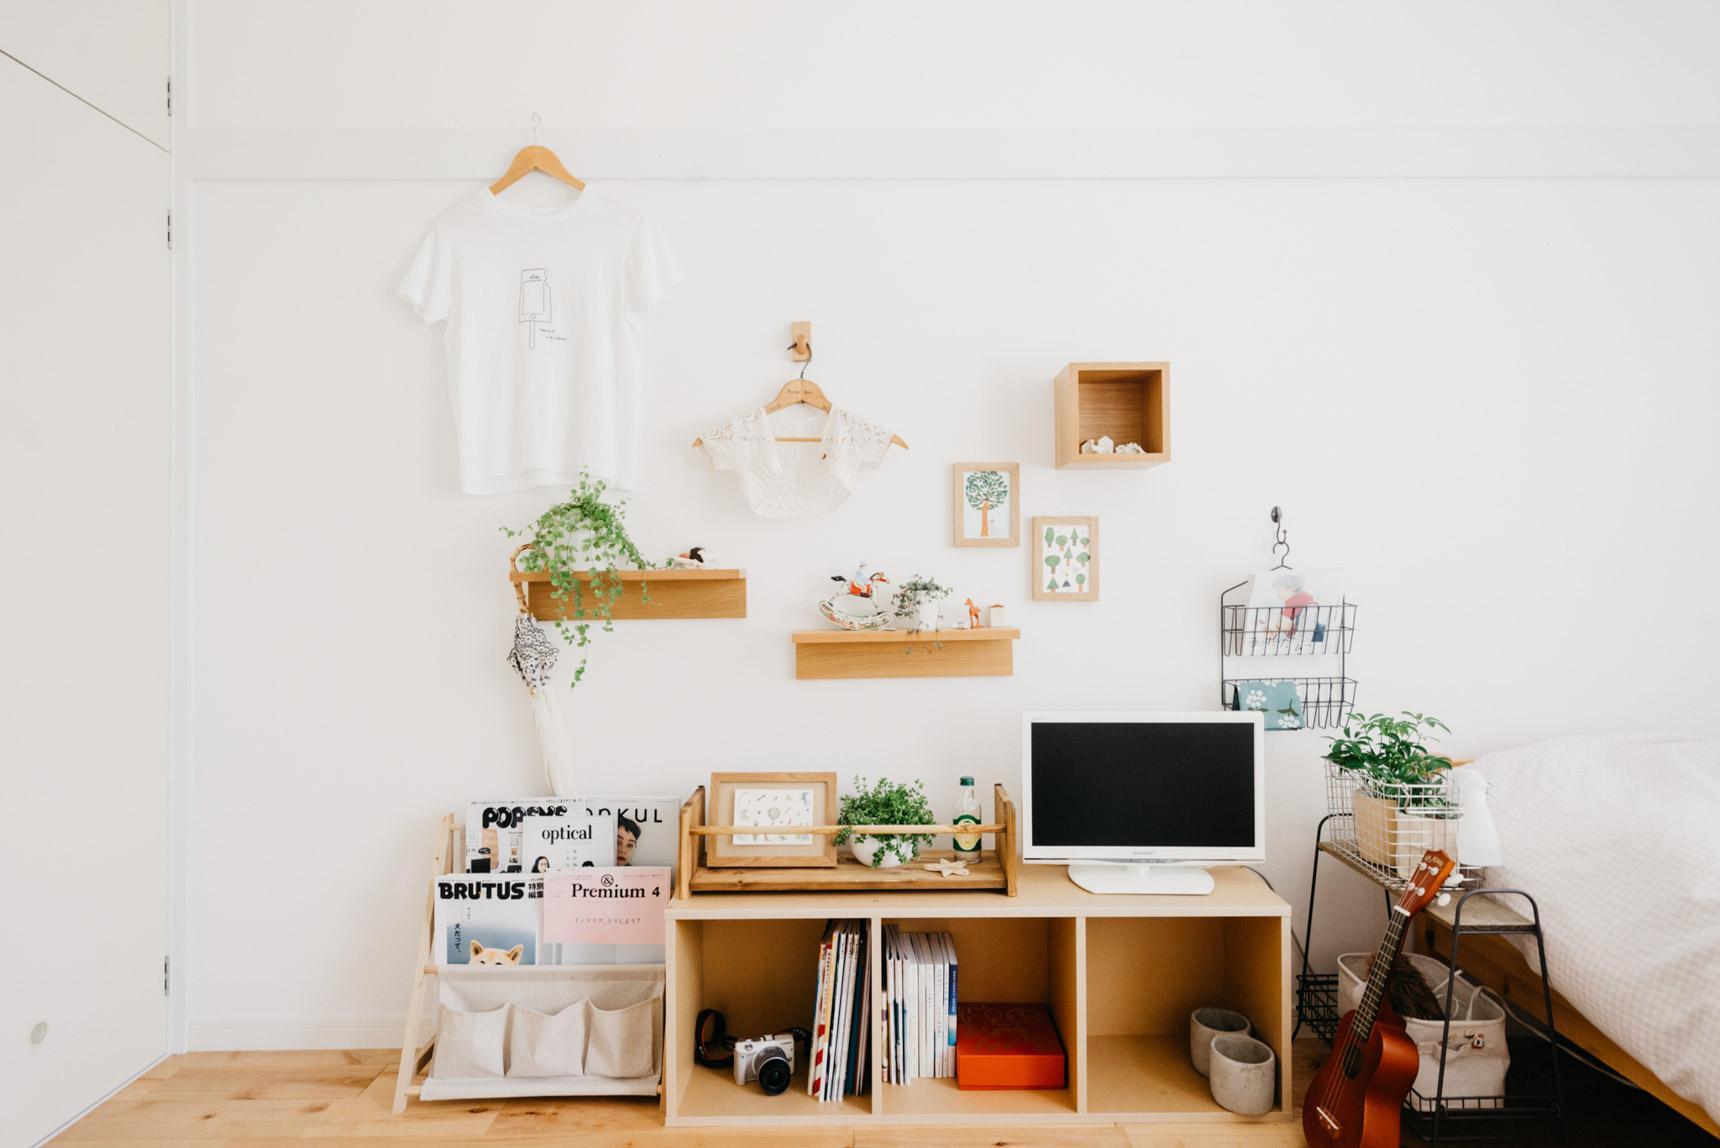 無印良品の「壁に付けられる家具」を使って、壁一面をちょっとした飾り棚にしています。無垢床の素材とウォールシェルフの木の素材感が見事にマッチしていますよね。